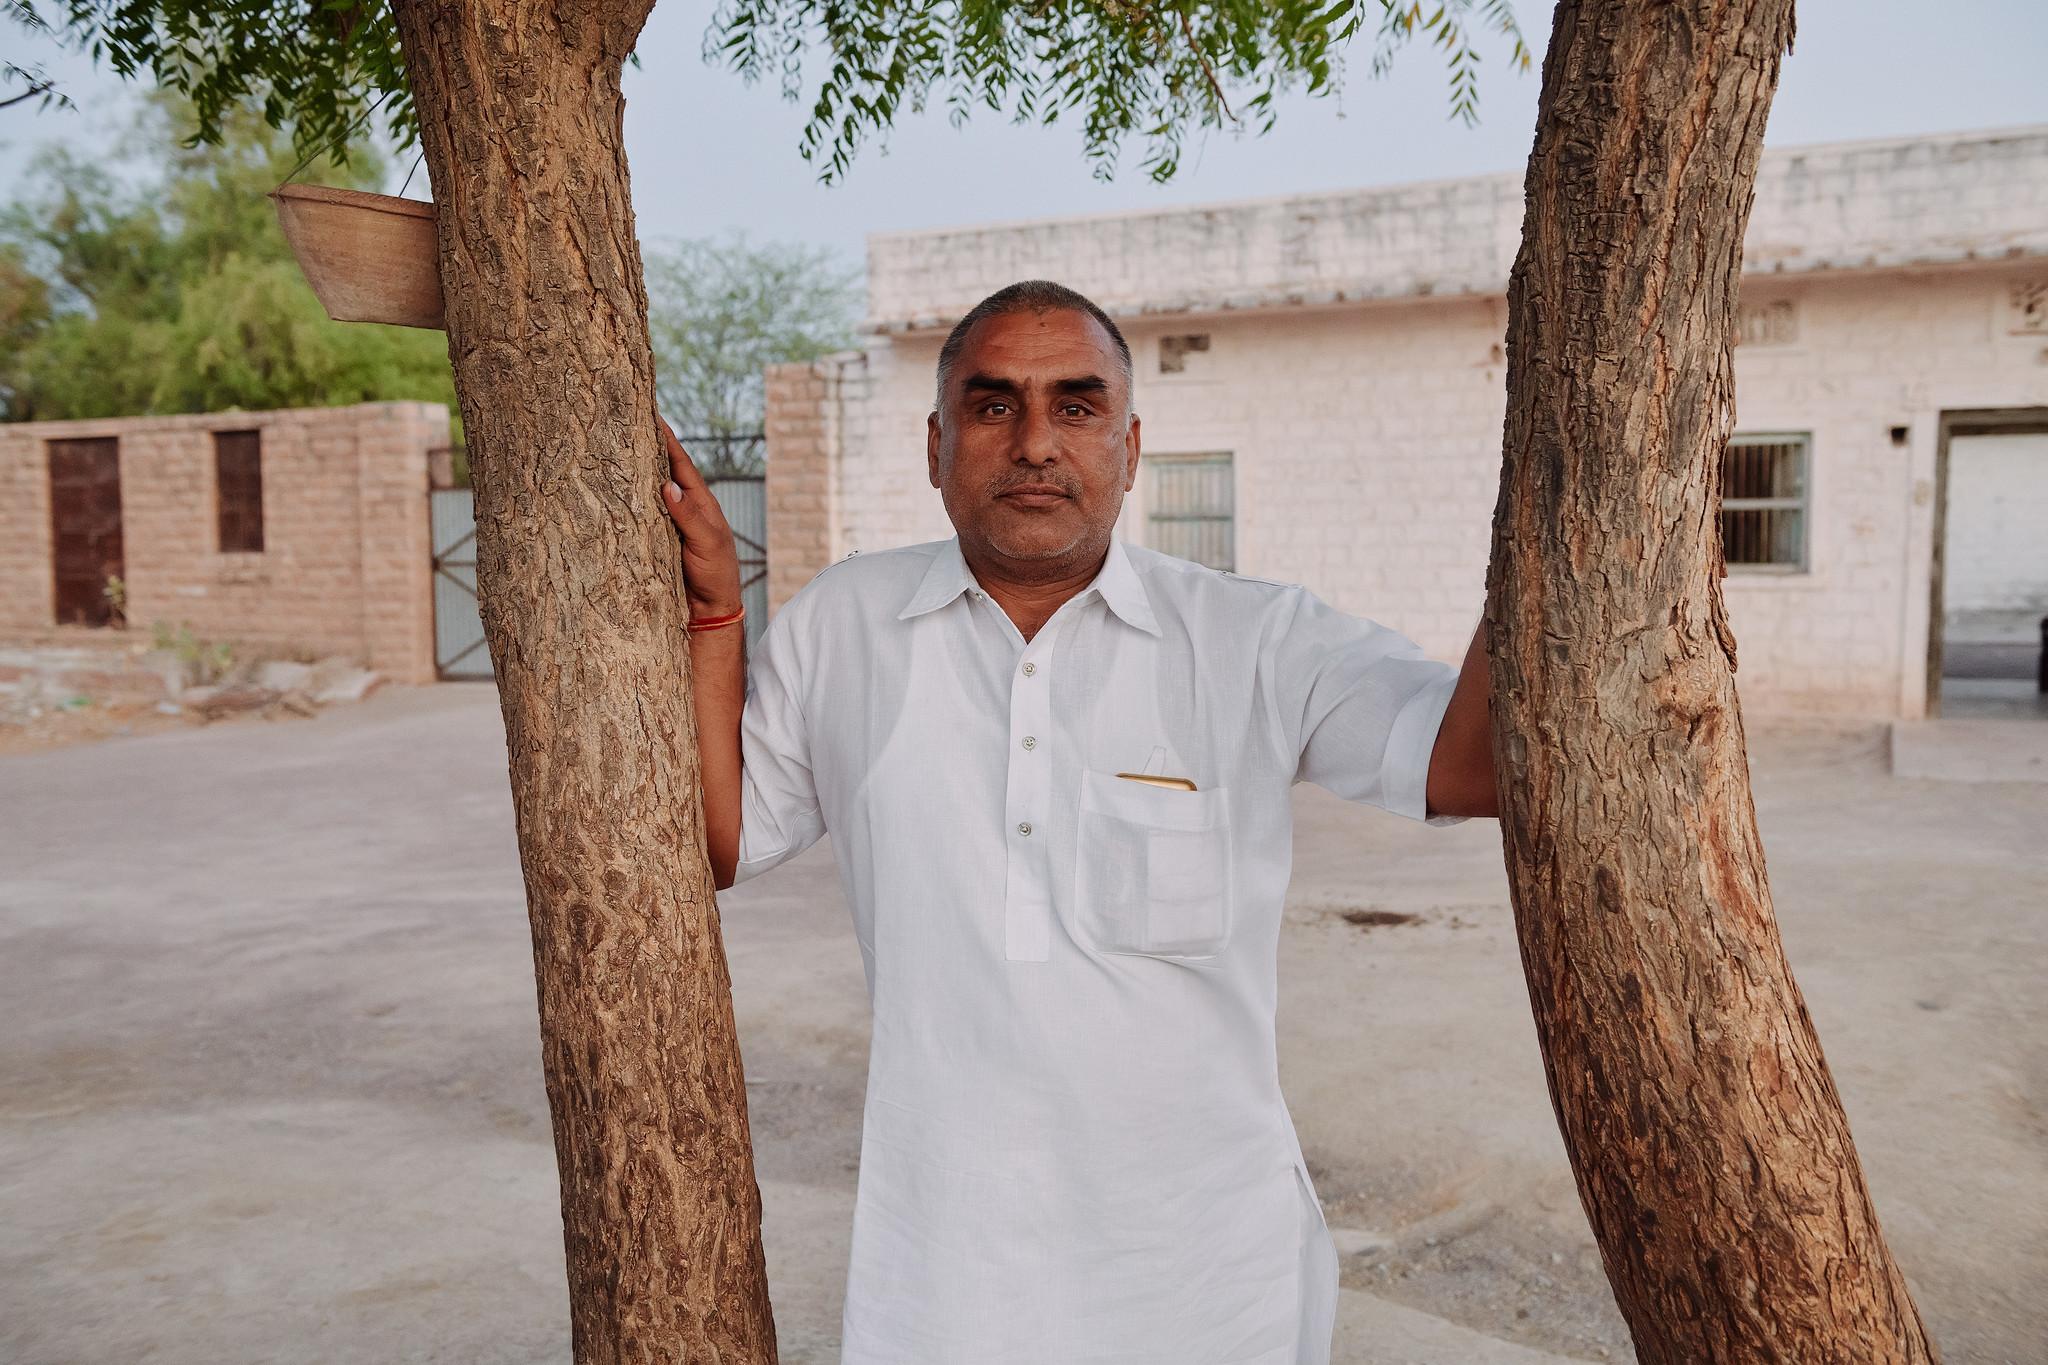 Hanuman Bishnoi in village Guda Vishnoiyan near Jodhpur, Rajasthan.